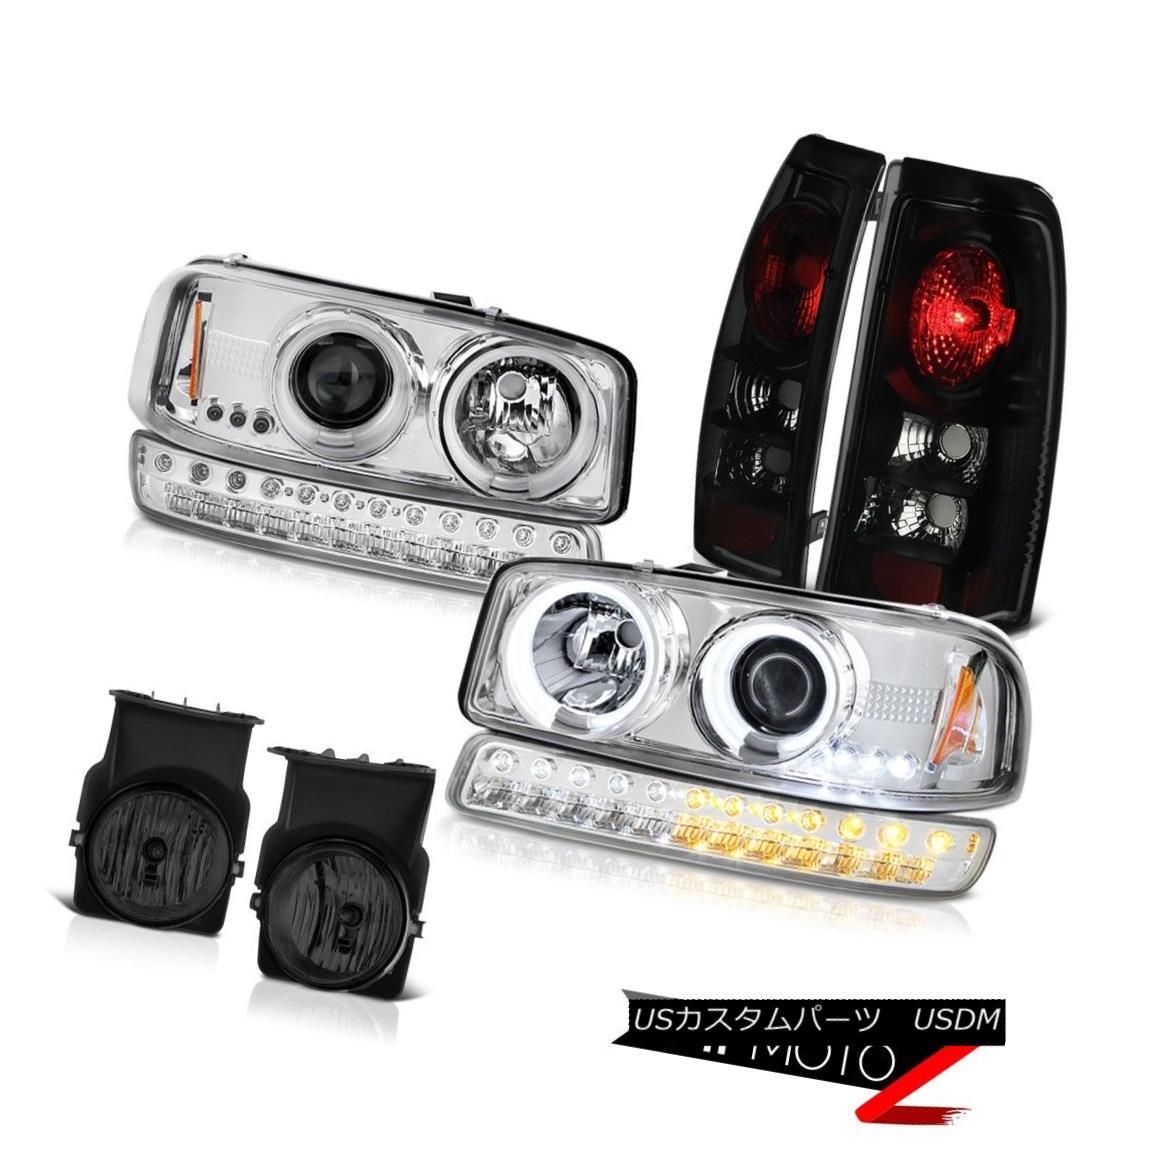 テールライト 03-06 Sierra SLE Smokey Foglights Tail Brake Lights Bumper Light CCFL Headlights 03-06シエラSLEスモーキーフォグライトテールブレーキライトバンパーライトCCFLヘッドライト